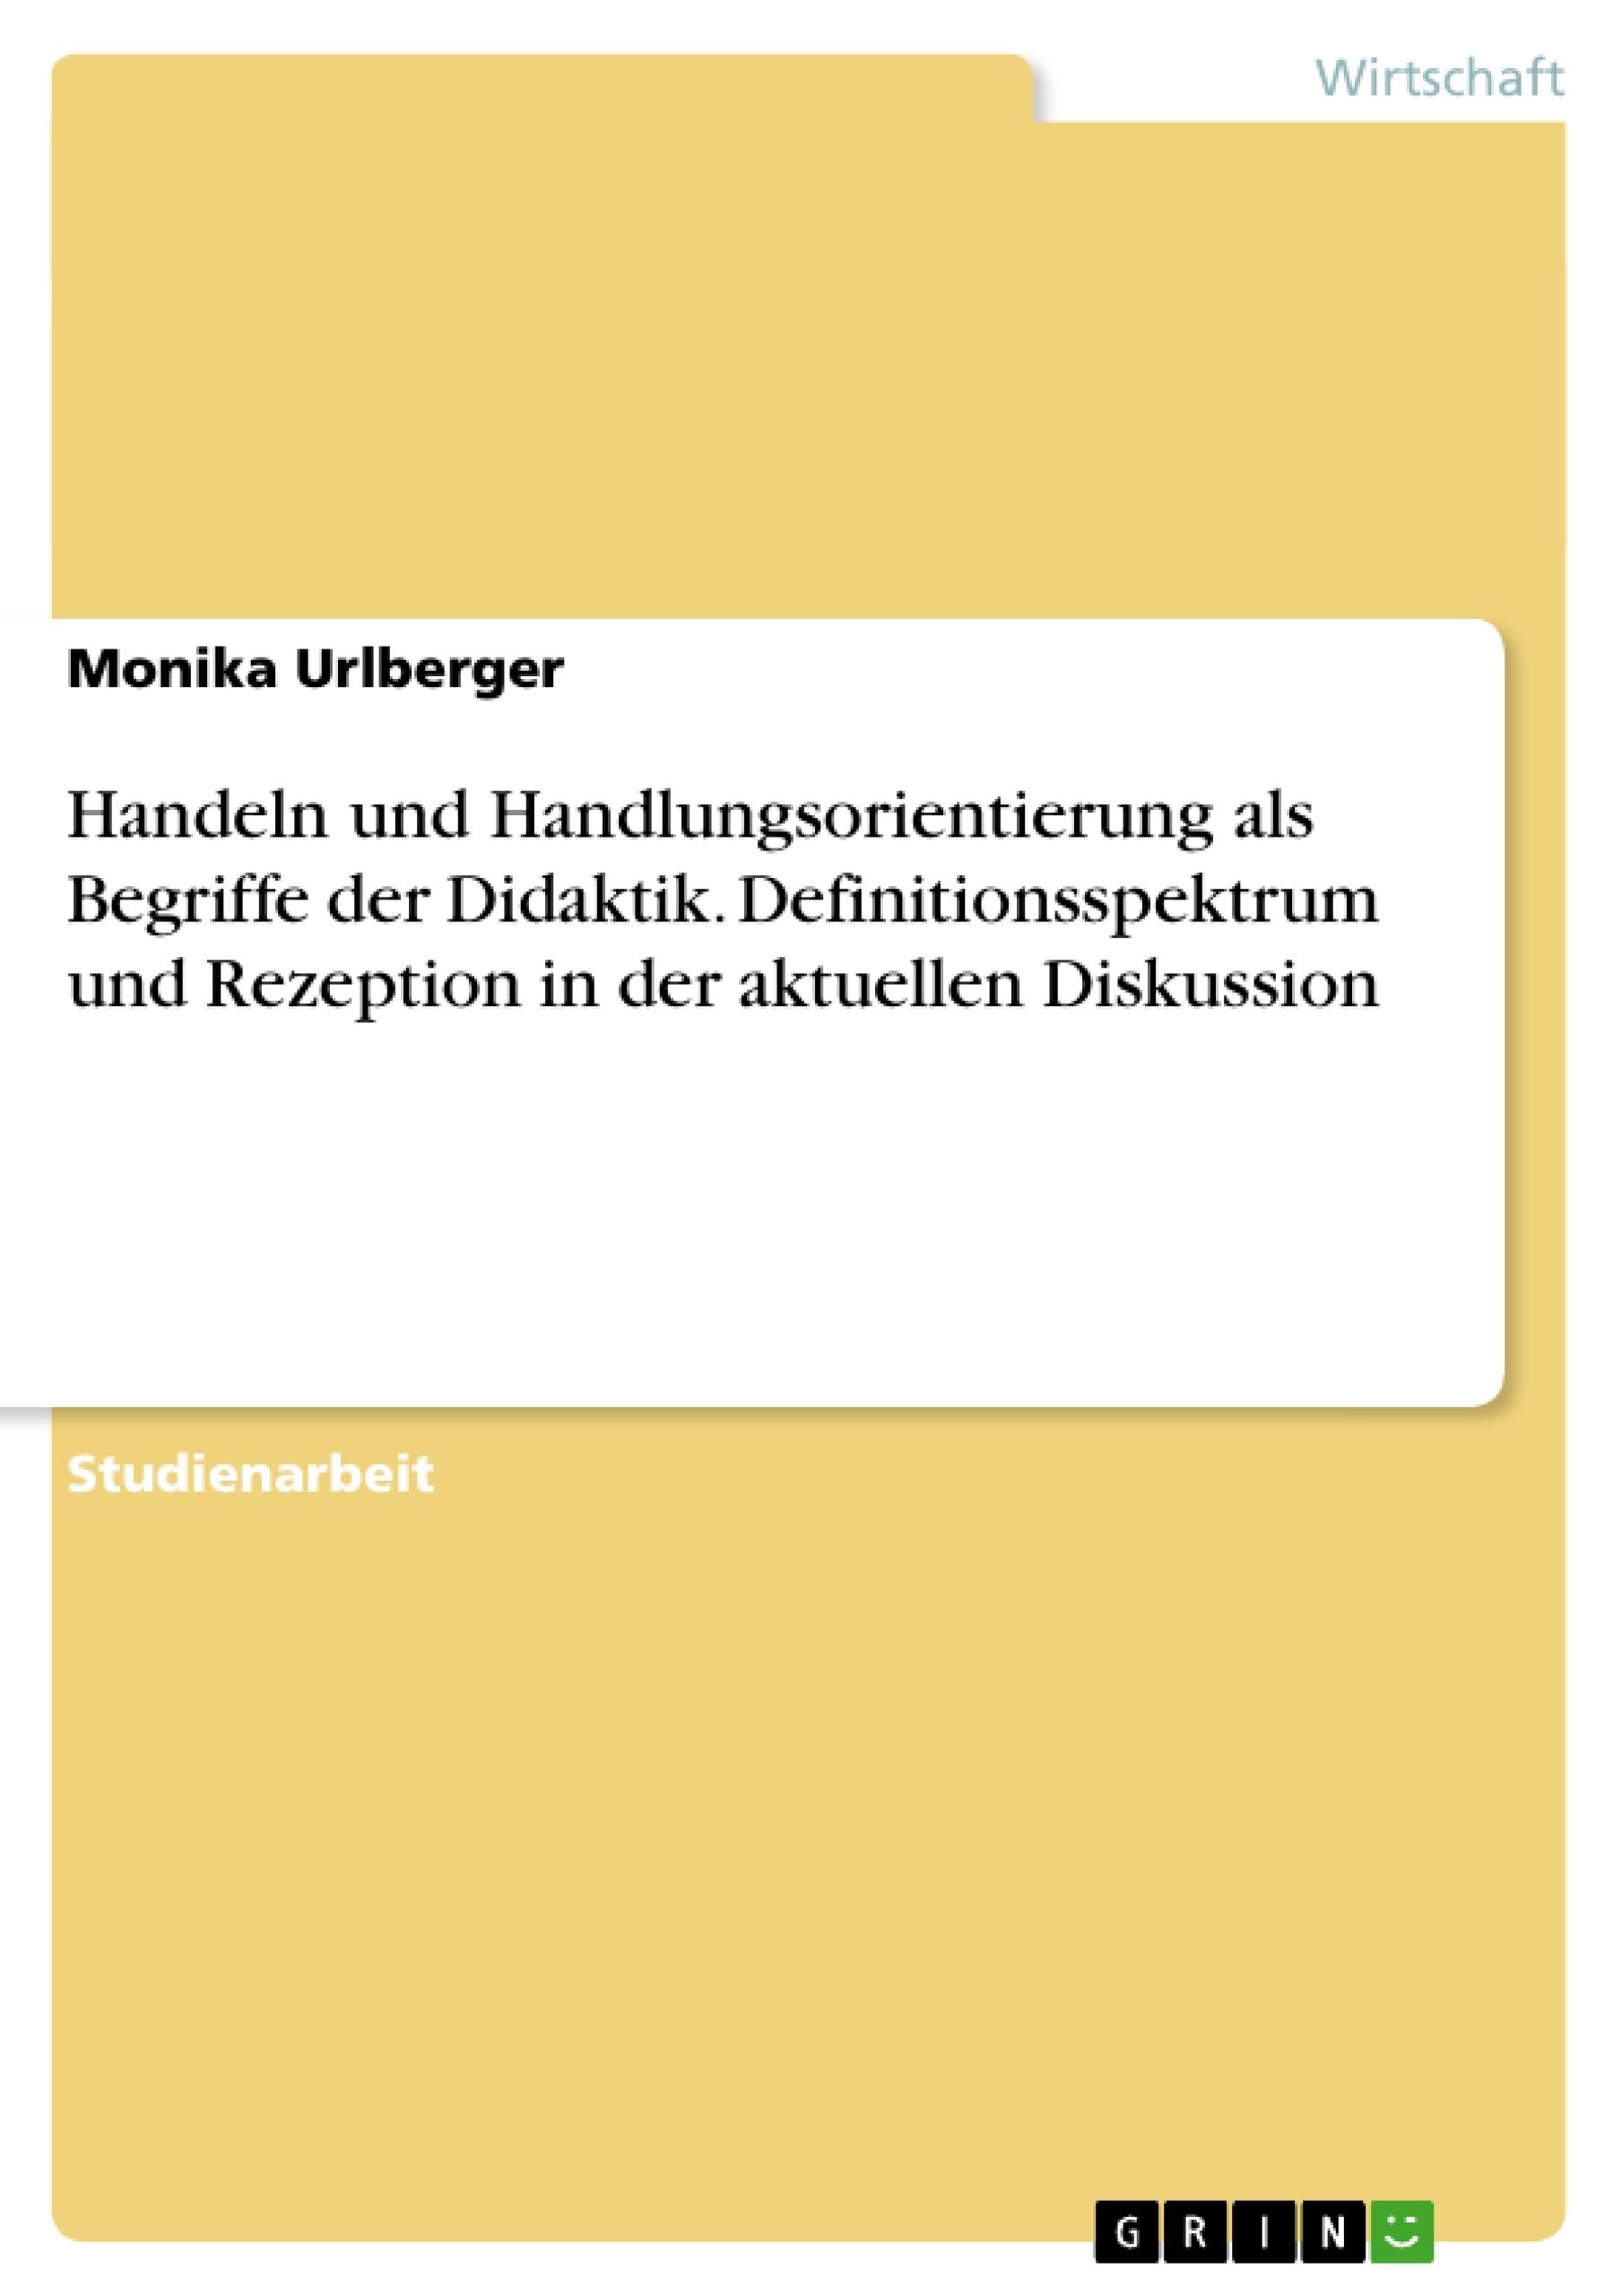 Titel: Handeln und Handlungsorientierung als Begriffe der Didaktik. Definitionsspektrum und Rezeption in der aktuellen Diskussion